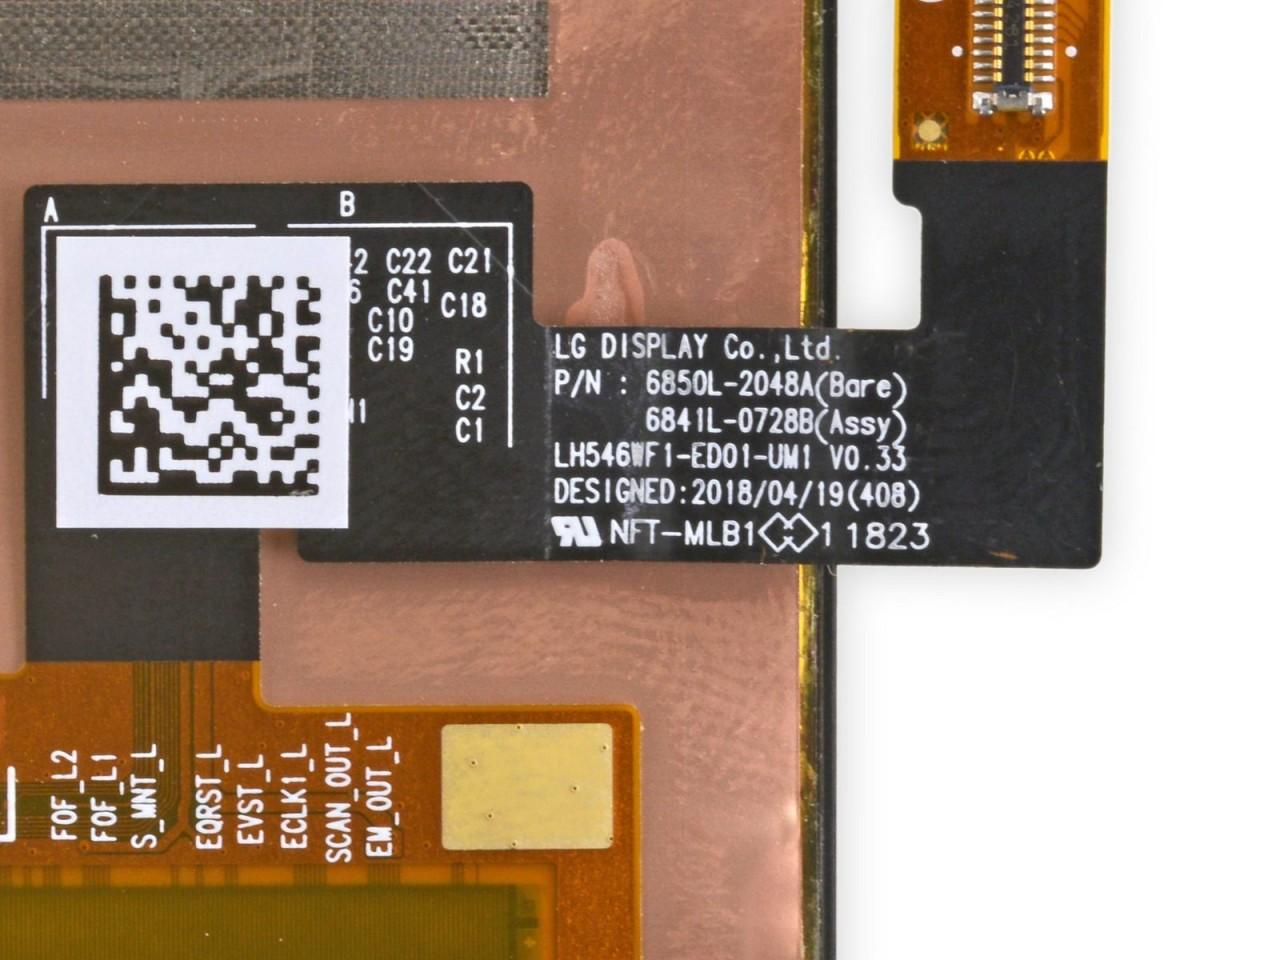 Если в Pixel 3 XL дисплей от Samsung, то что установлено в Pixel 3 новости